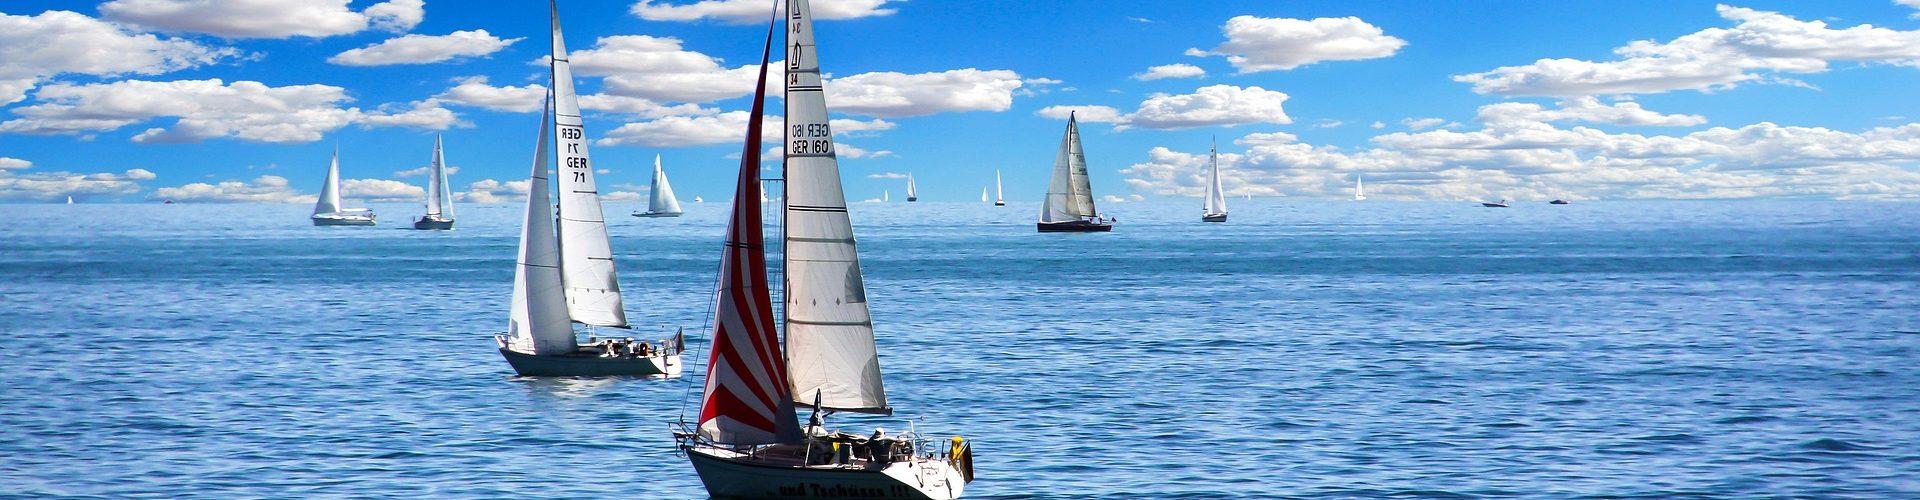 segeln lernen in Olpe segelschein machen in Olpe 1920x500 - Segeln lernen in Olpe